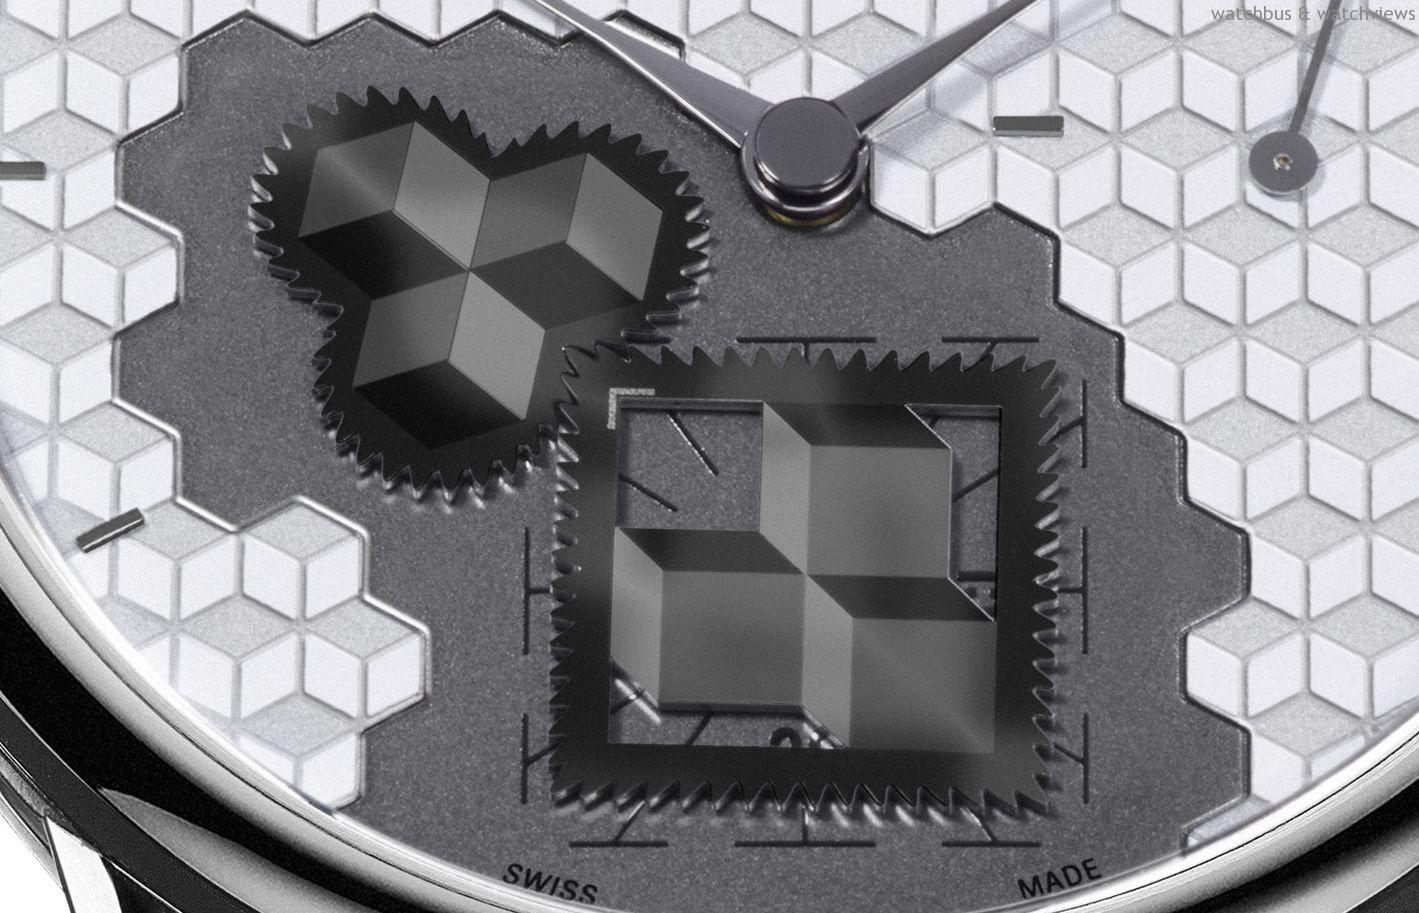 全新艾美匠心方輪立方腕錶  轉動不息的方輪